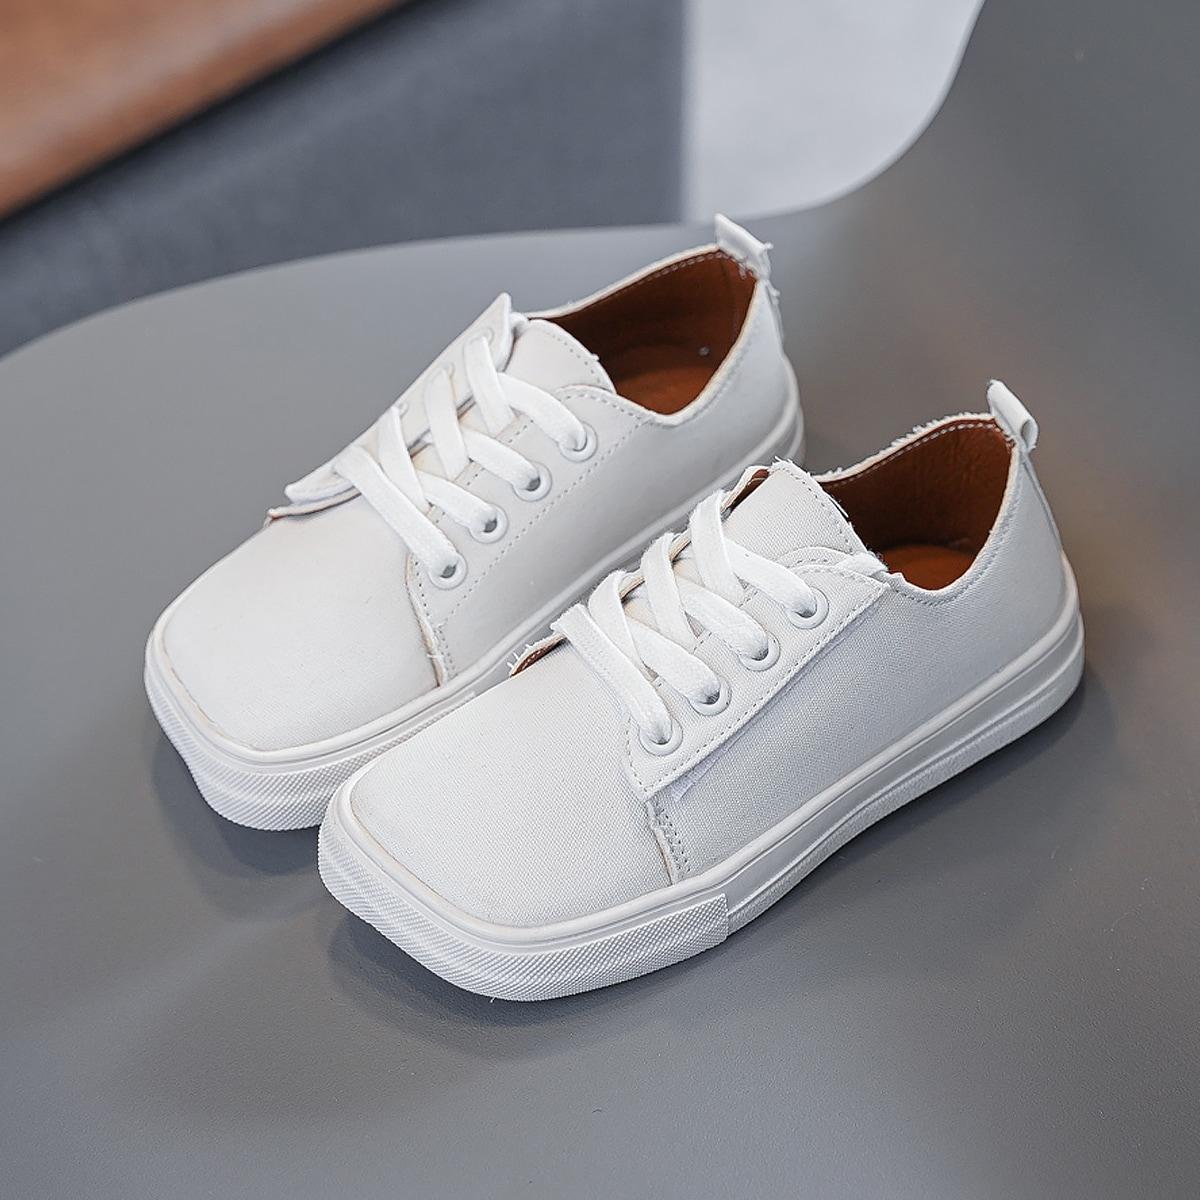 Квадратные холщовые туфли для девочек от SHEIN